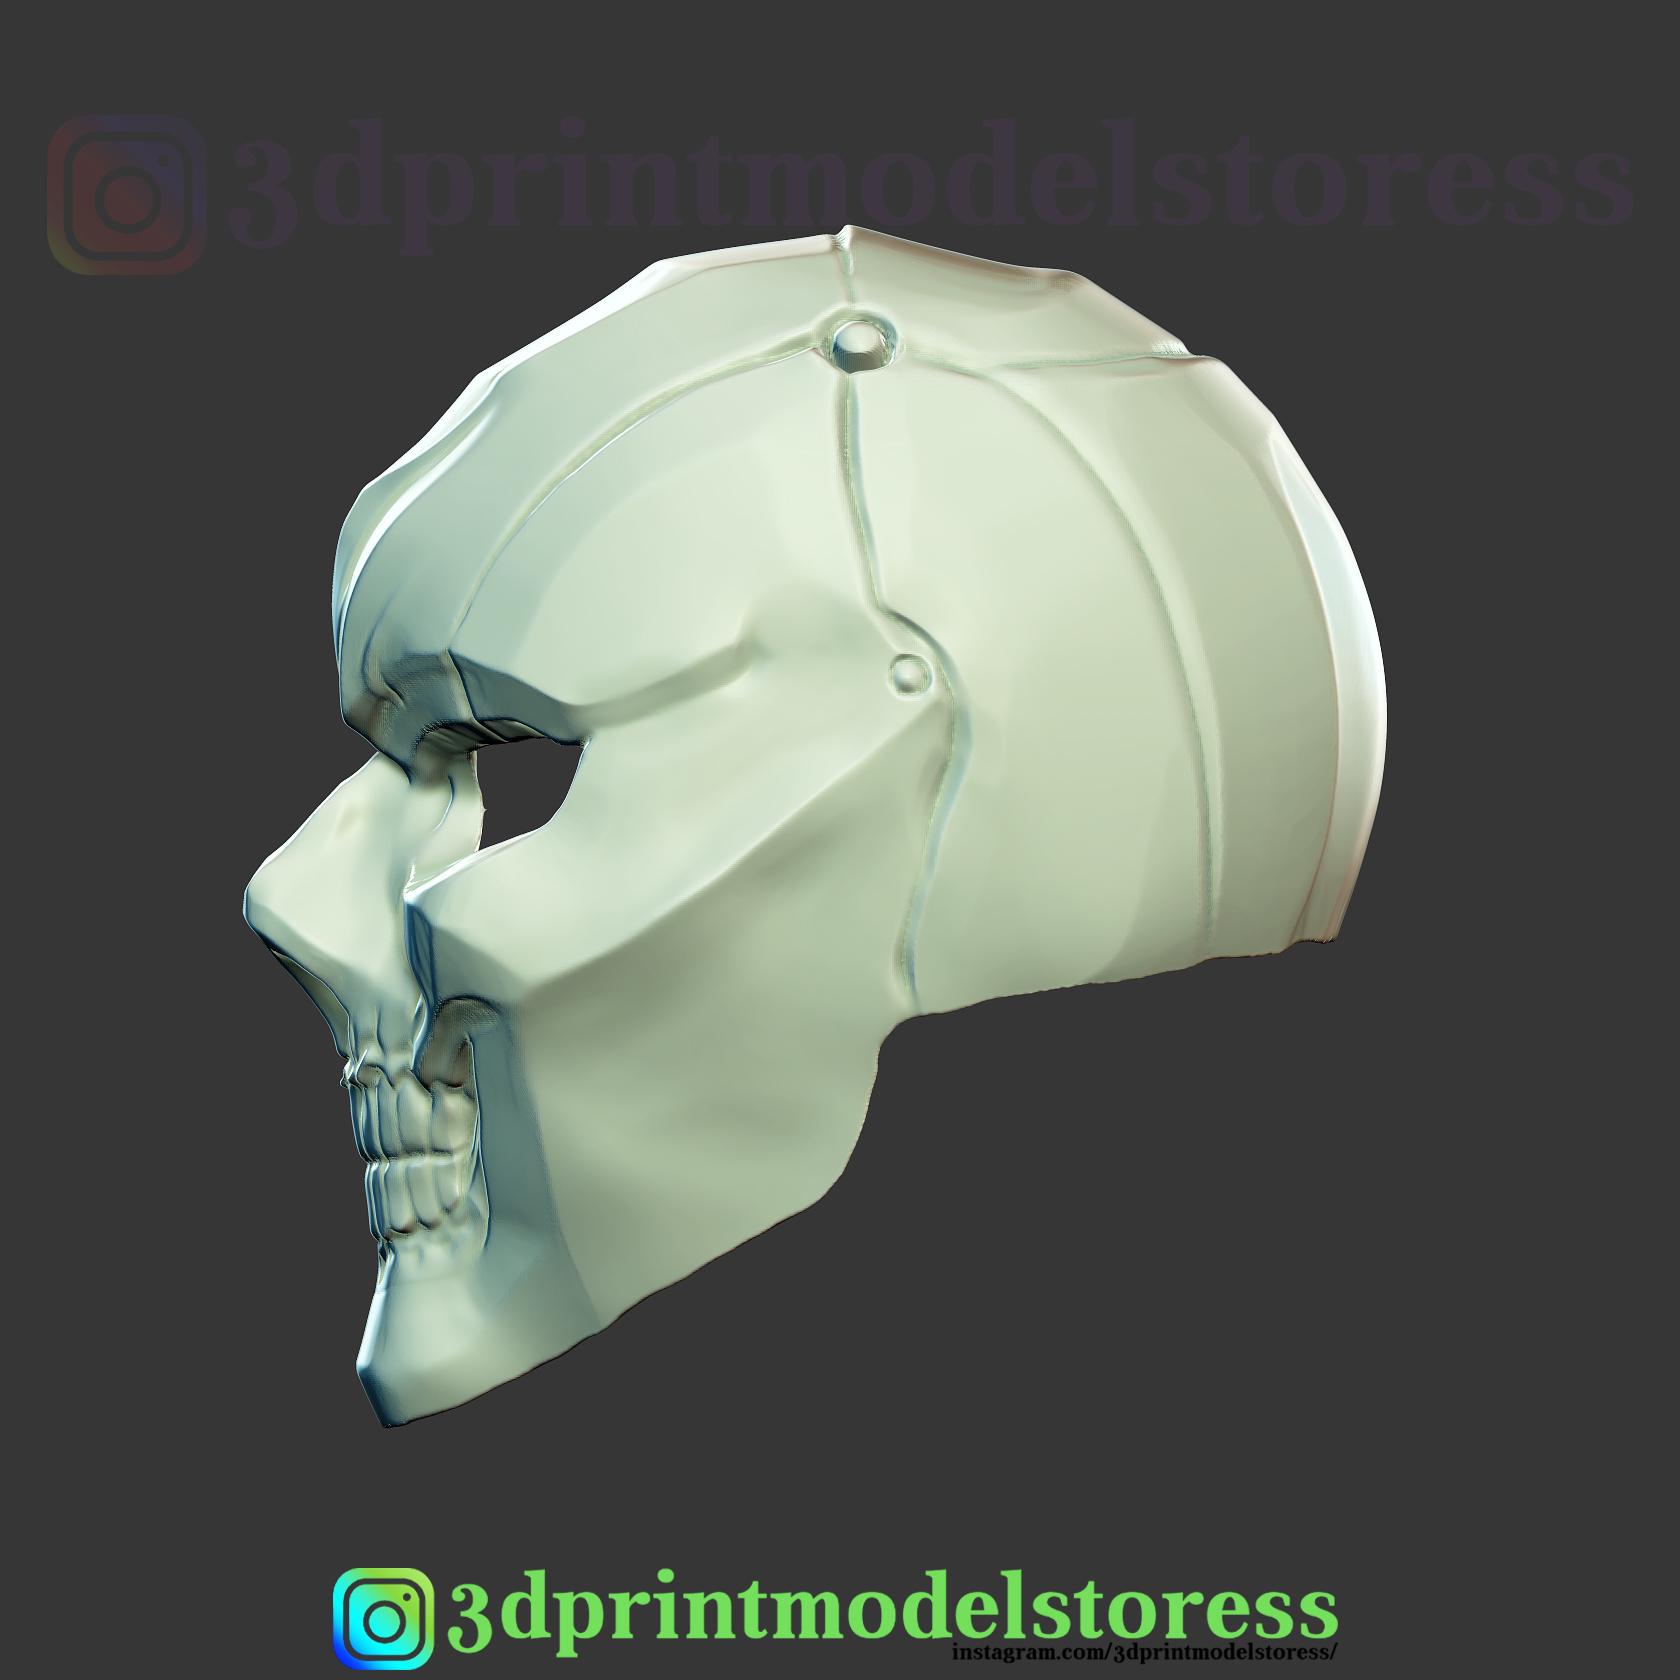 3d Printed Black Mask Harley Quinn Movie Cosplay Helmet By 3dprintmodelstore Pinshape